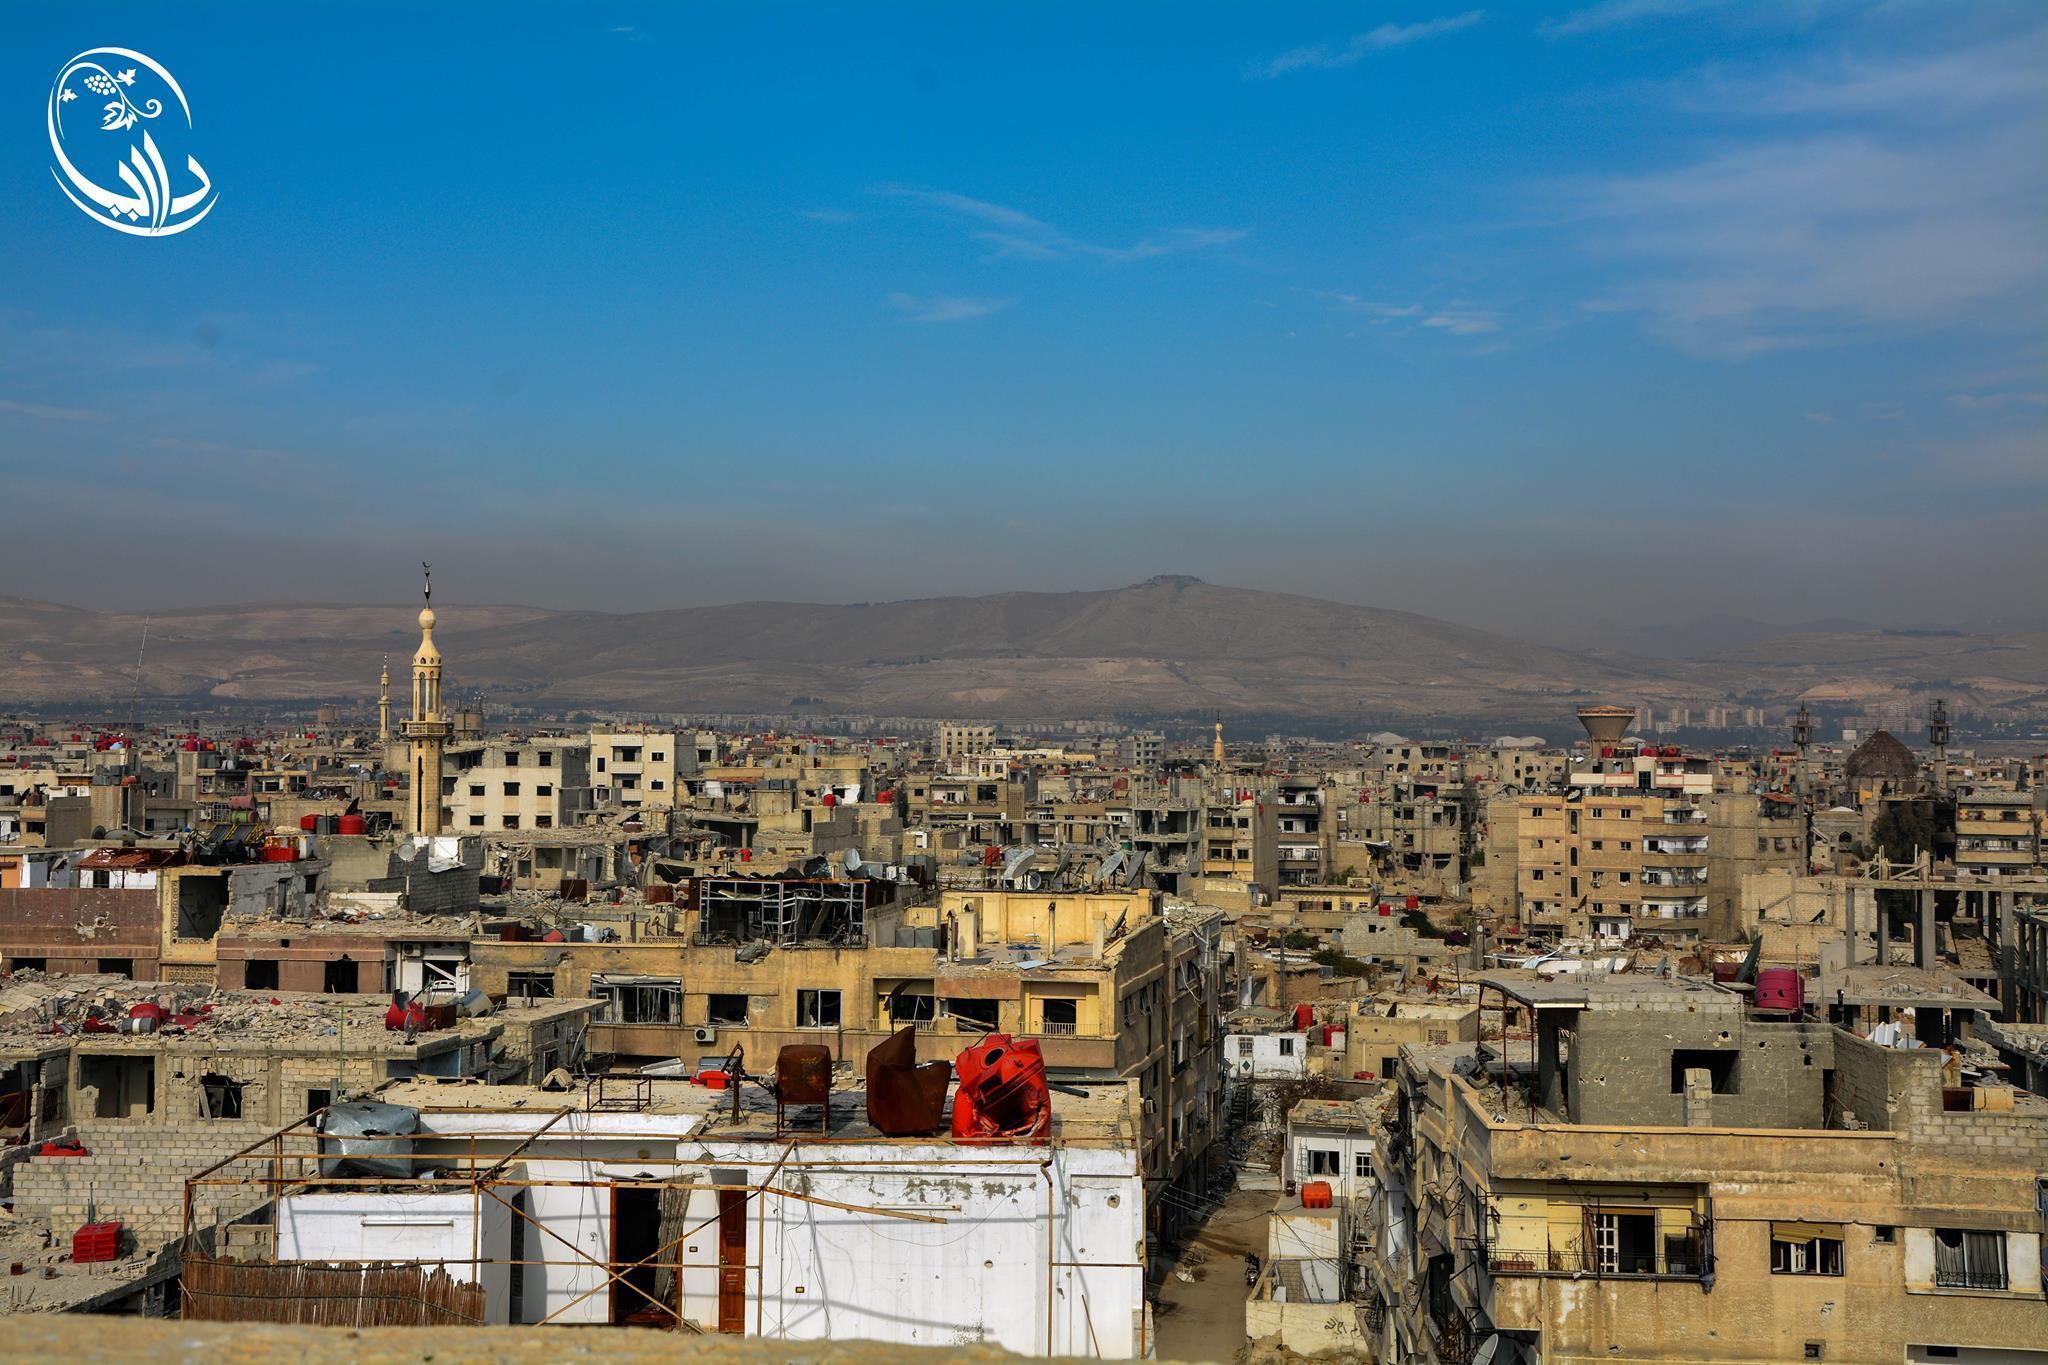 مدينة+داريا+المجلس+المحلي+بداريا+